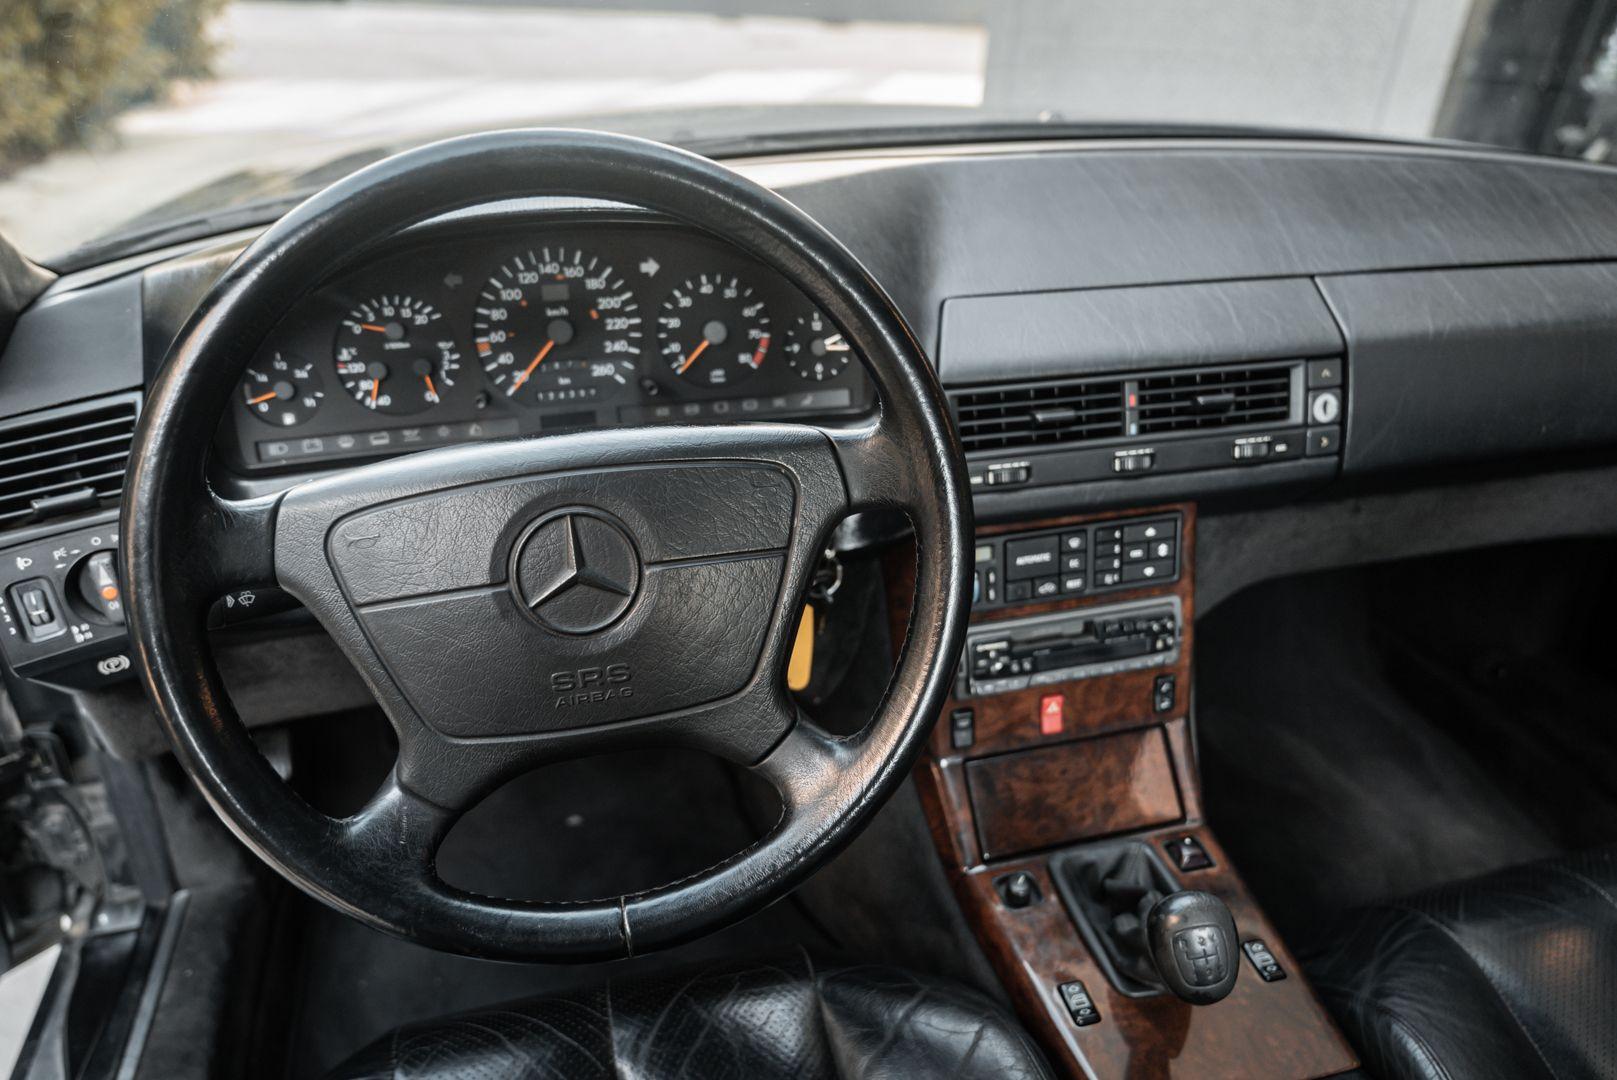 1992 Mercedes Benz 300 SL 24 V 80628